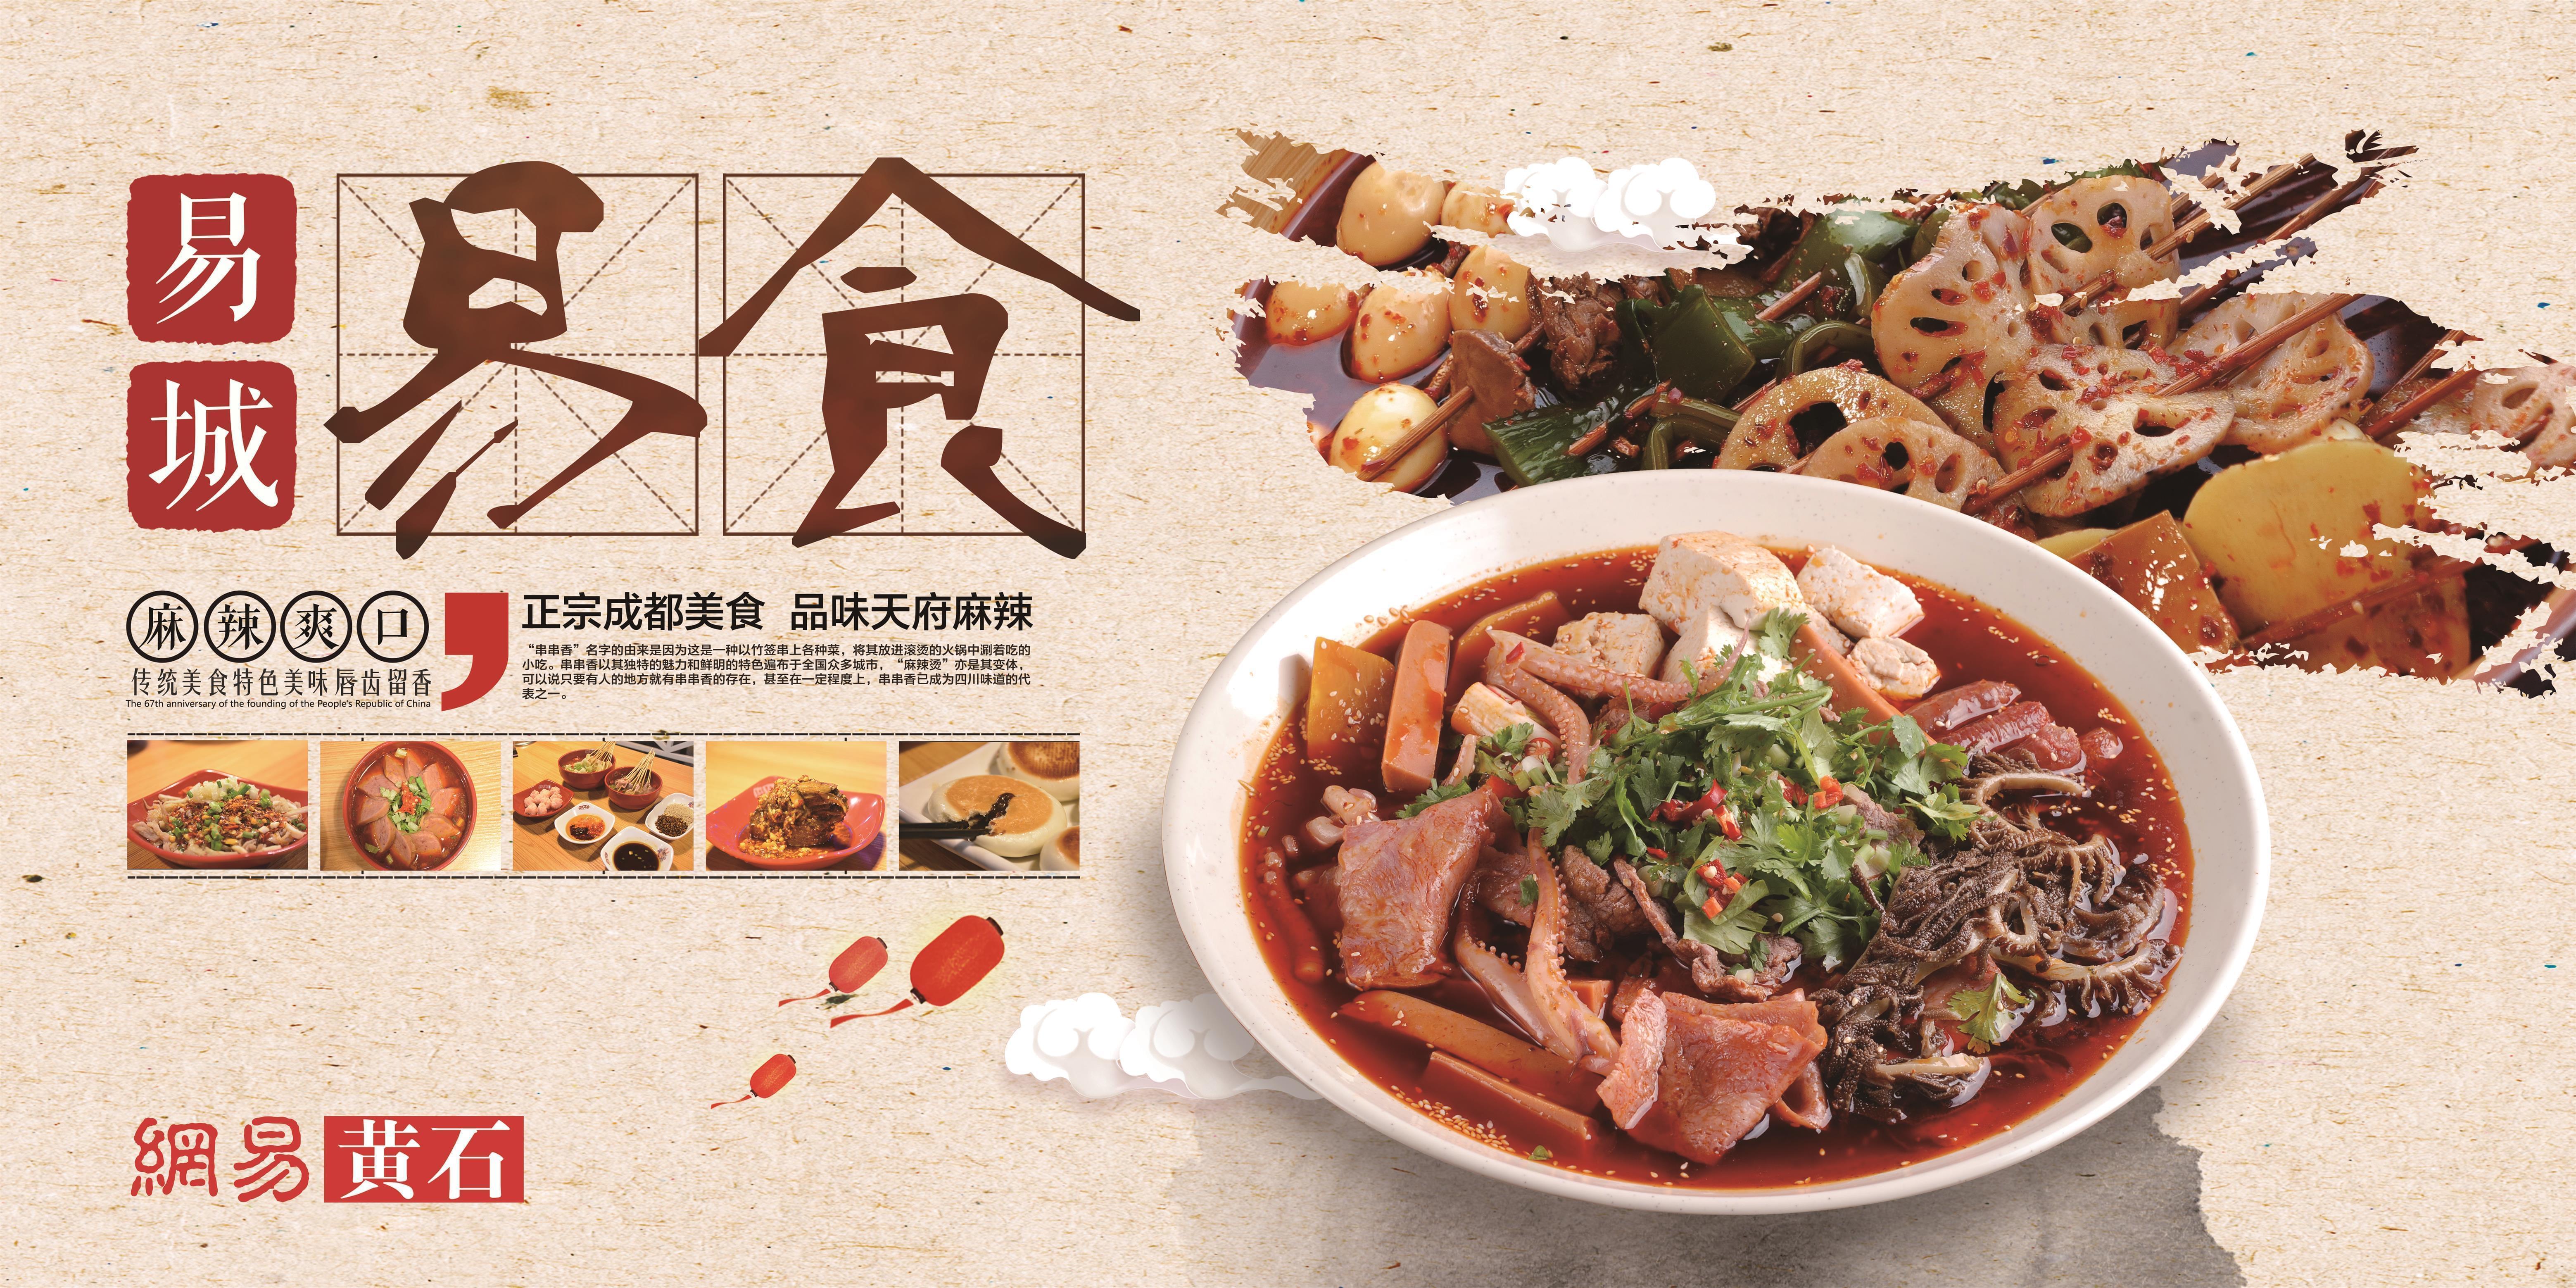 易城易食|黄石特色冷锅串串美食